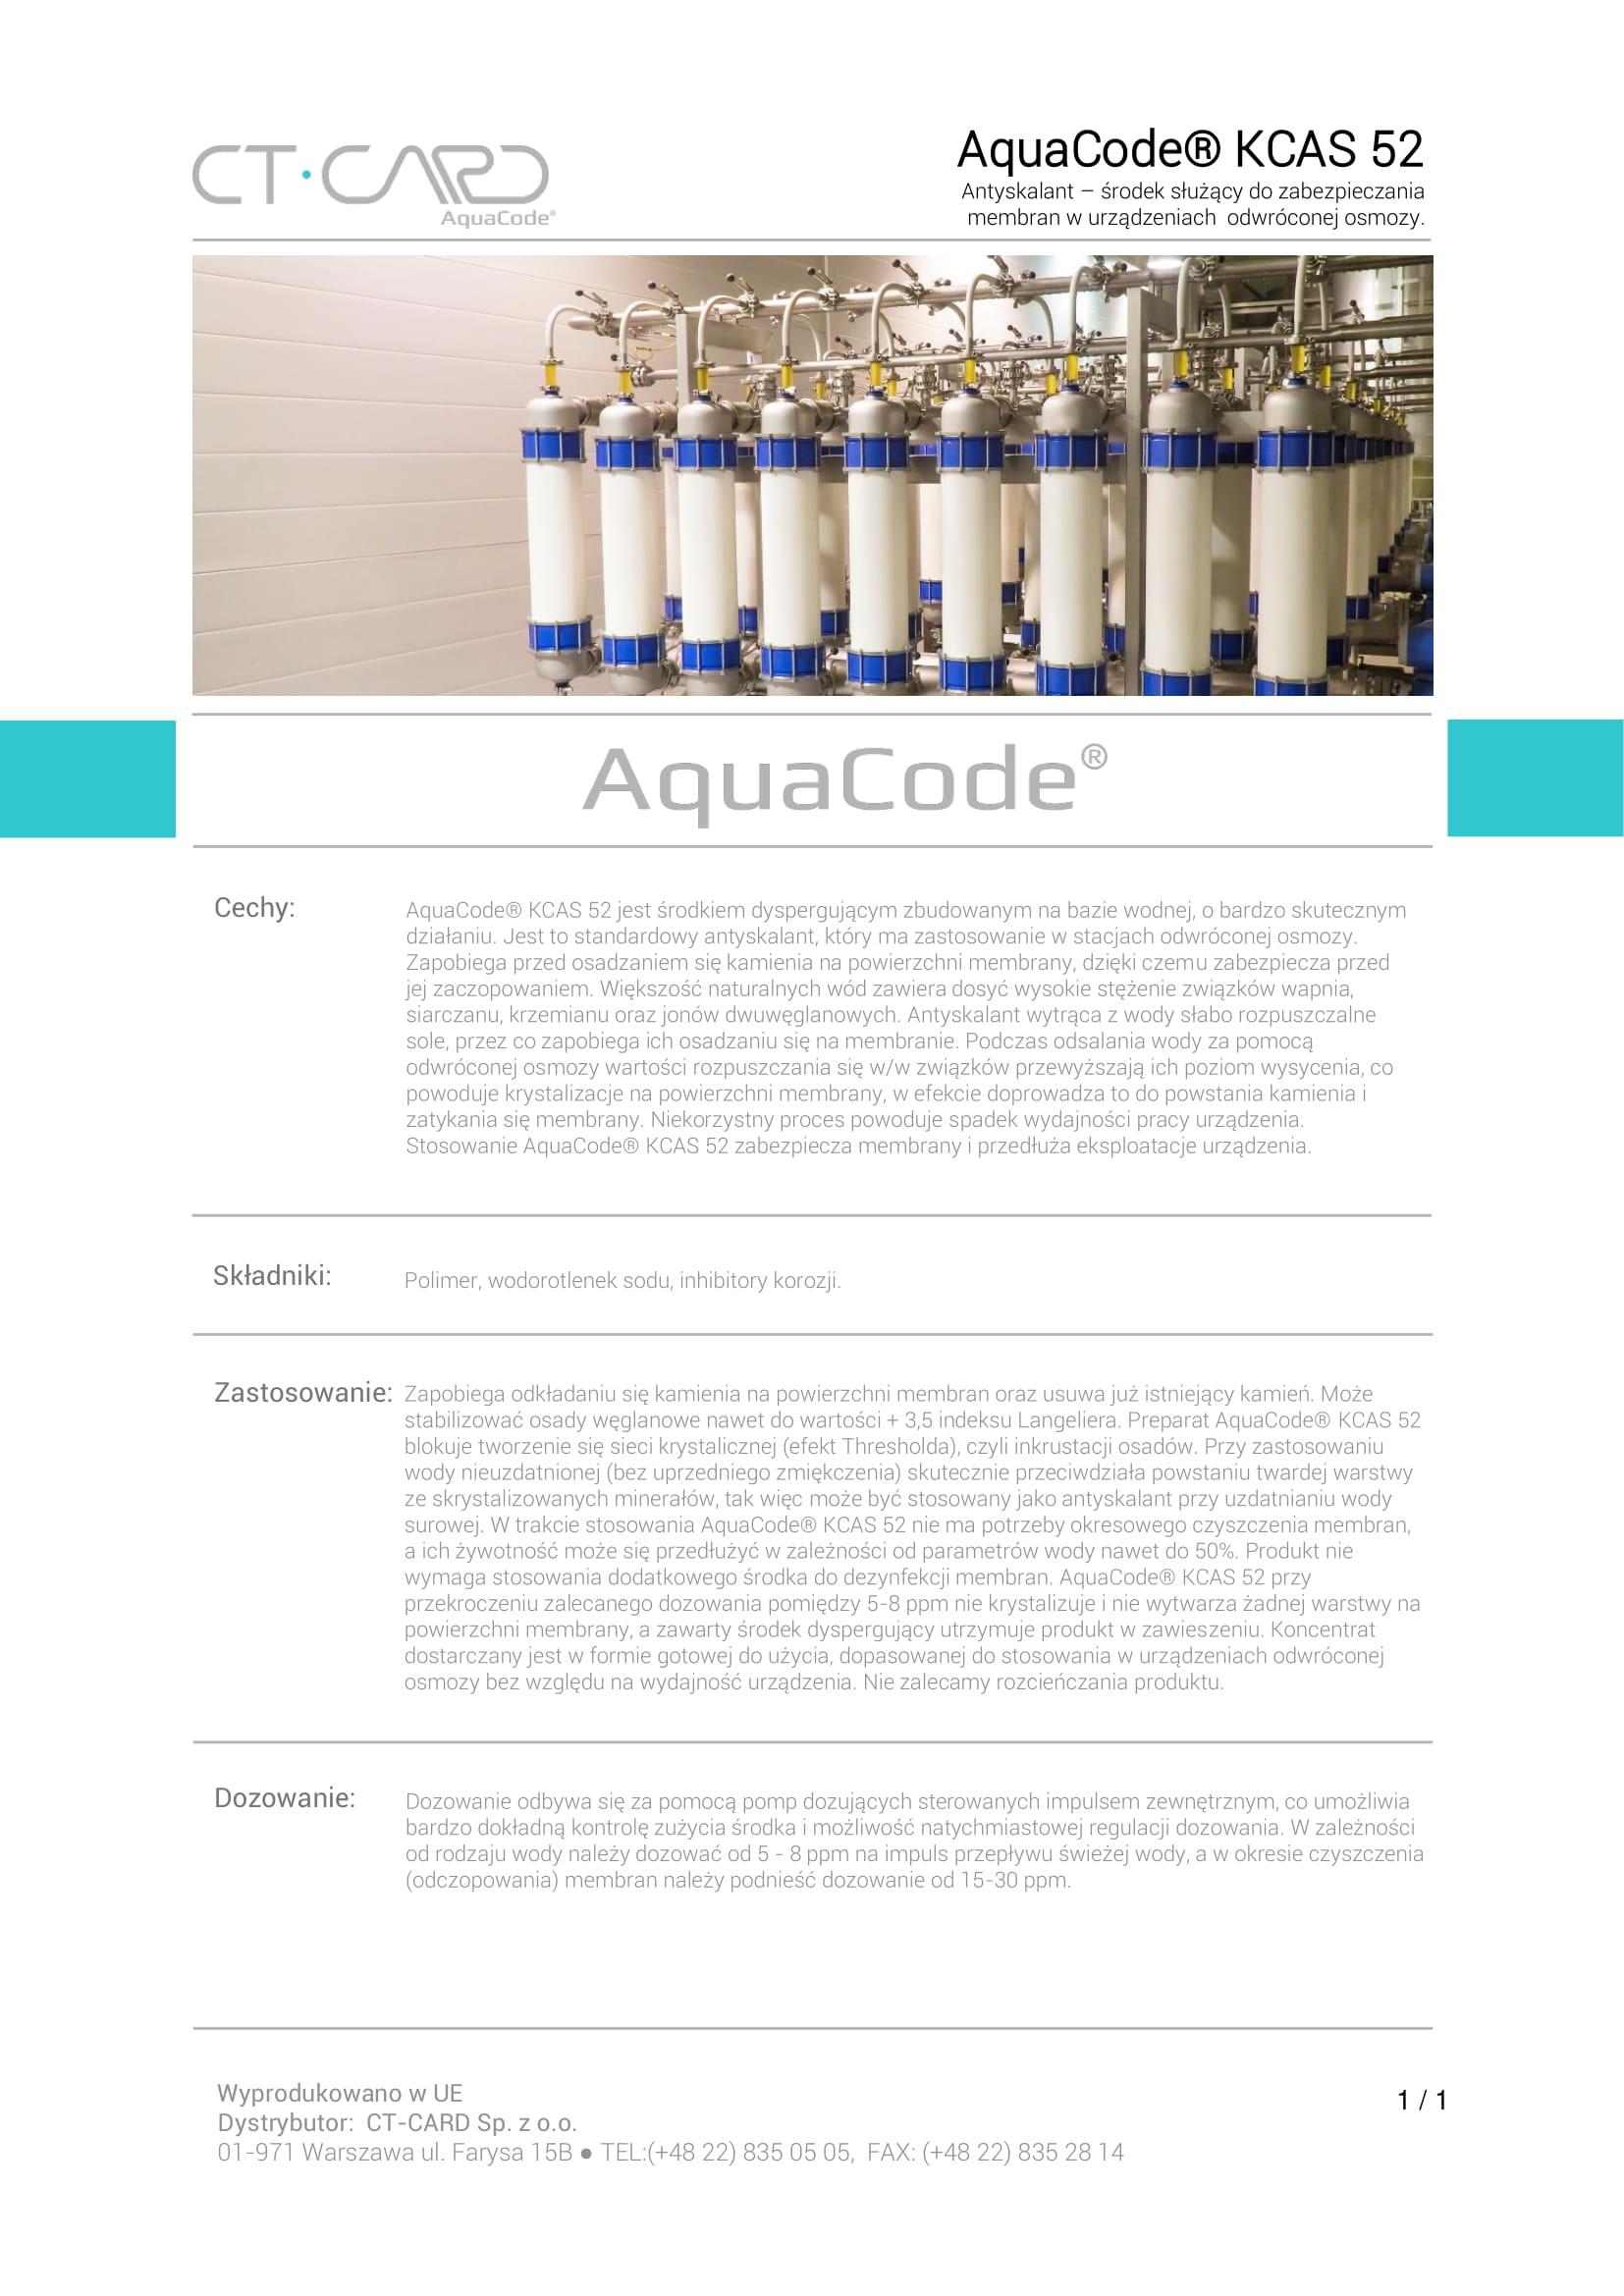 AquaCode_KCAS_52-1